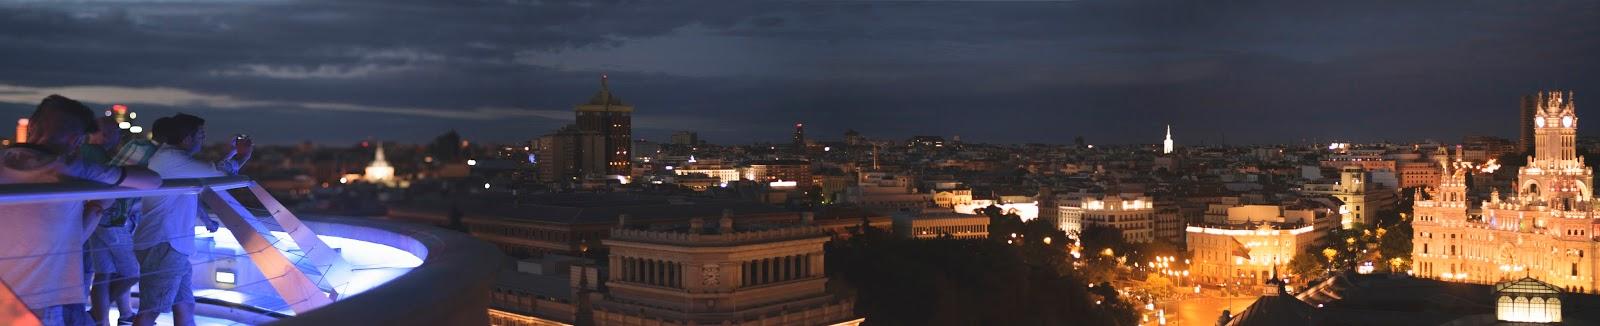 Sábado noche en el Círculo de Bellas Artes